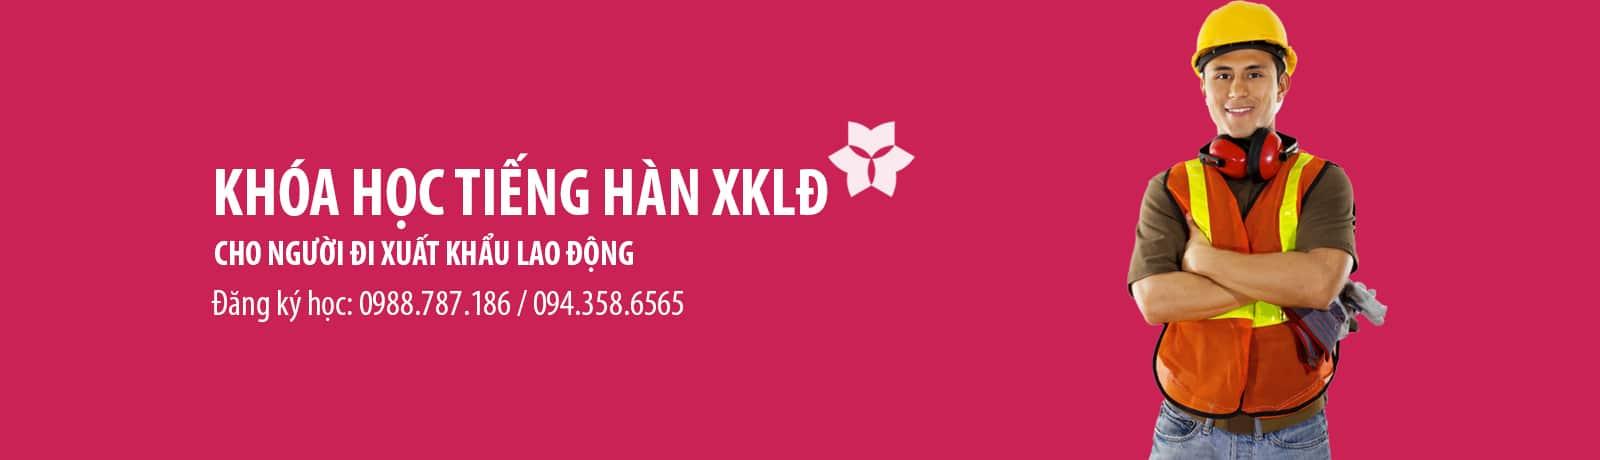 Khóa học tiếng Hàn xuất khẩu lao động tại Hà Nội